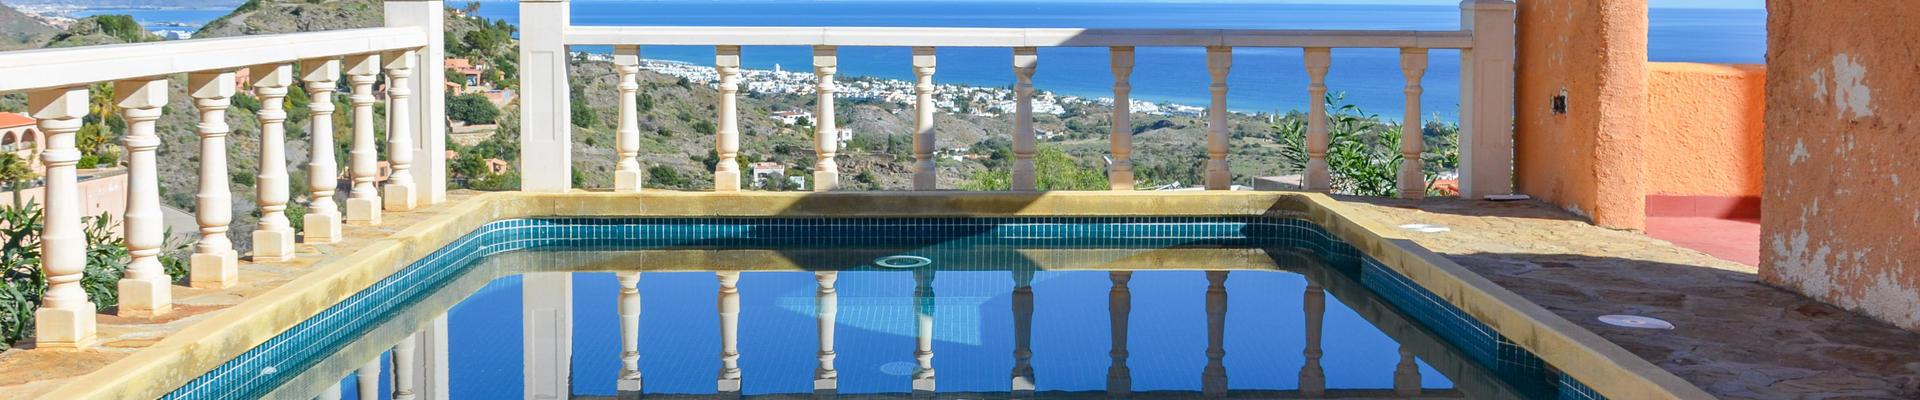 DV1459: 4 Bedroom Villa for Sale